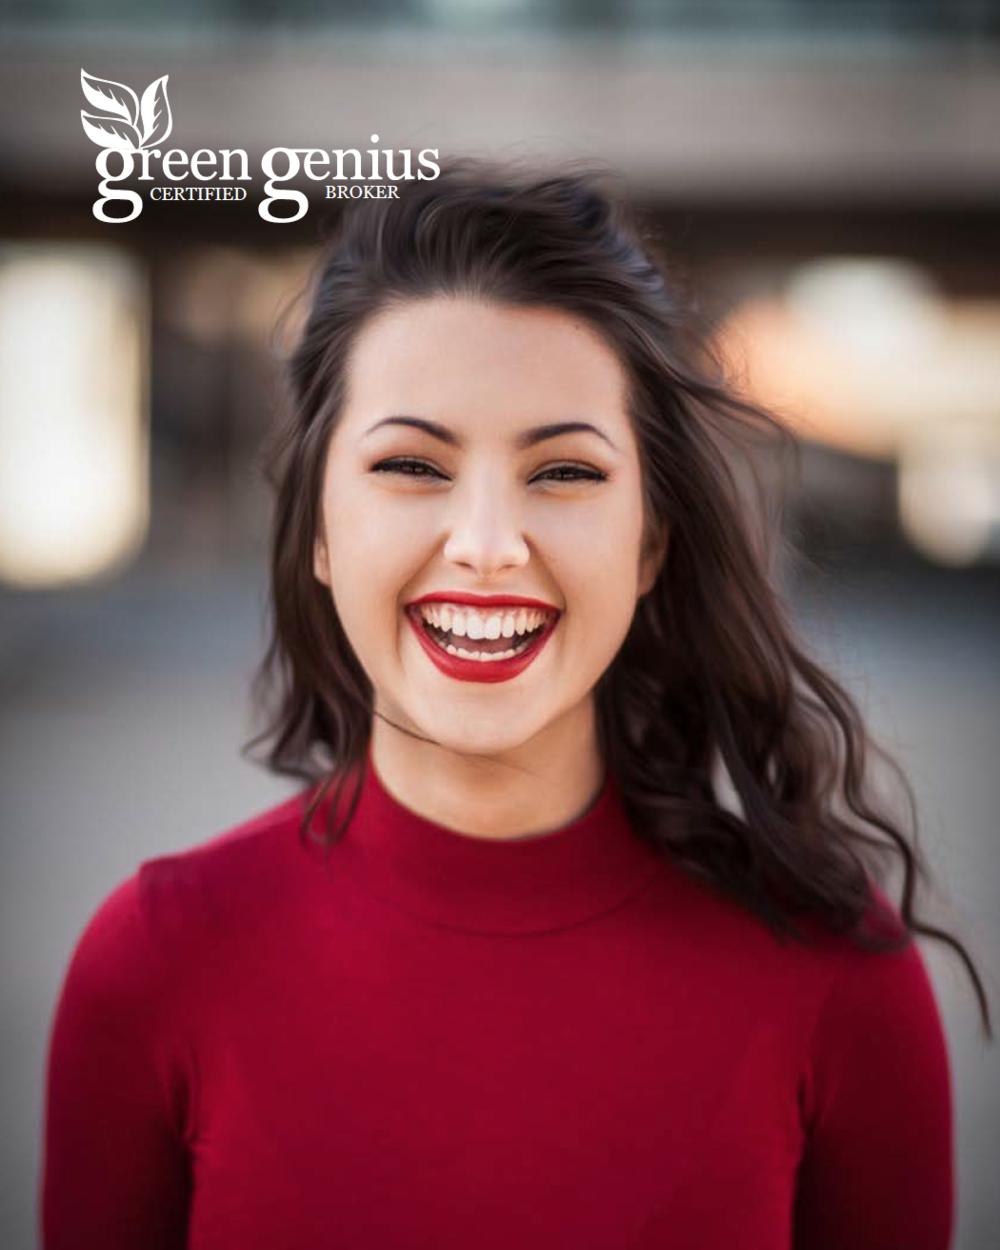 Green Genius Brokers - Experts in certified green homes